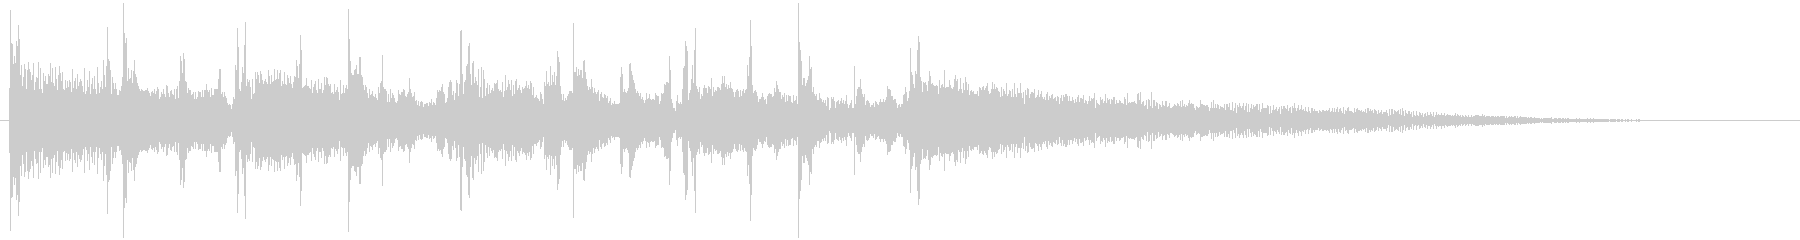 ギターコードとベースのメローなジングル1の未再生の波形